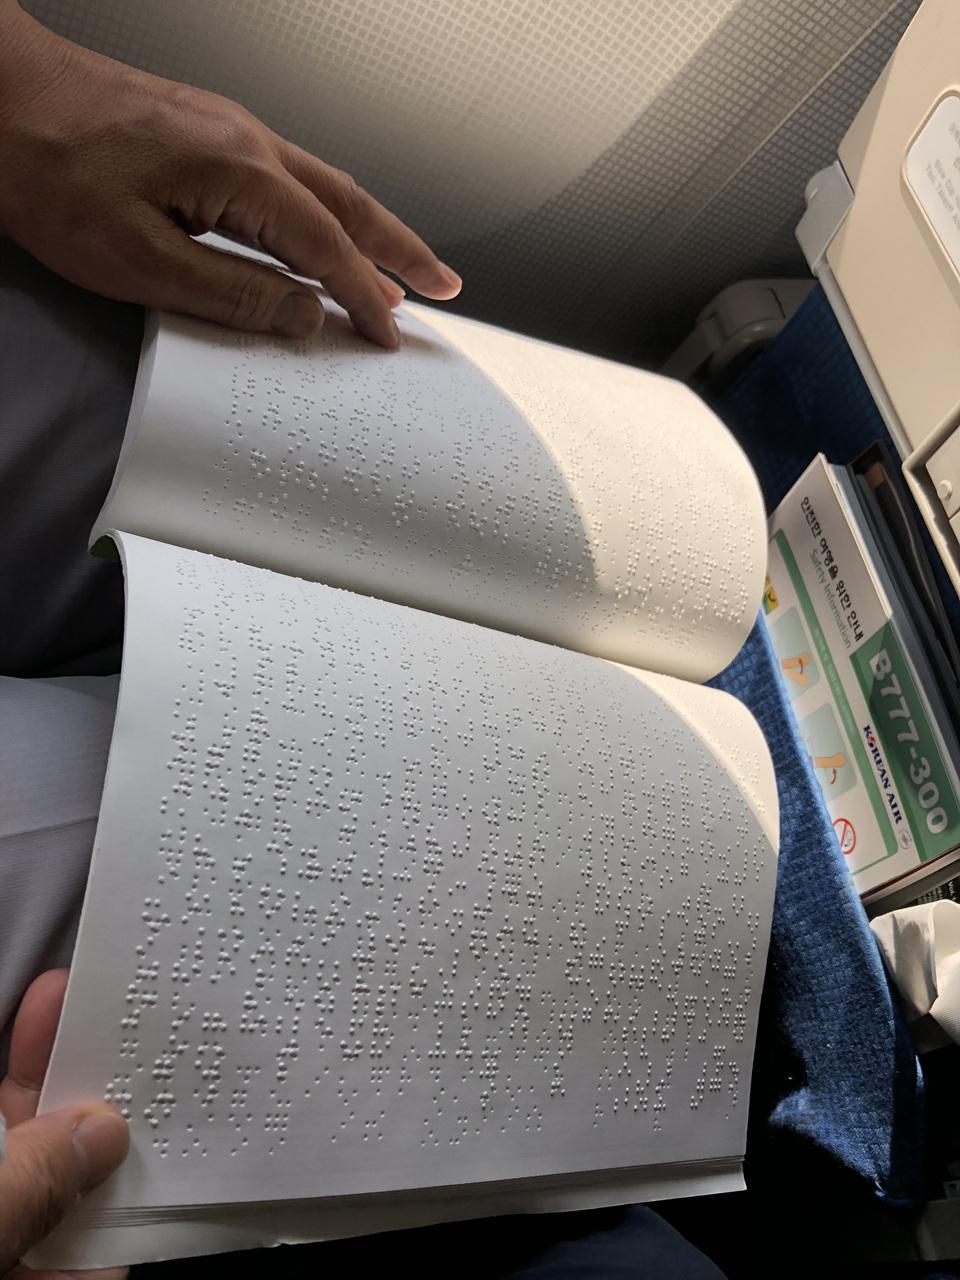 점자책 심양으로 가는 비행기 안에서 점자로 세상의 변화를 읽고 있는 동료. 나는 여행 내내 이 사람을 위해 봉사했다.